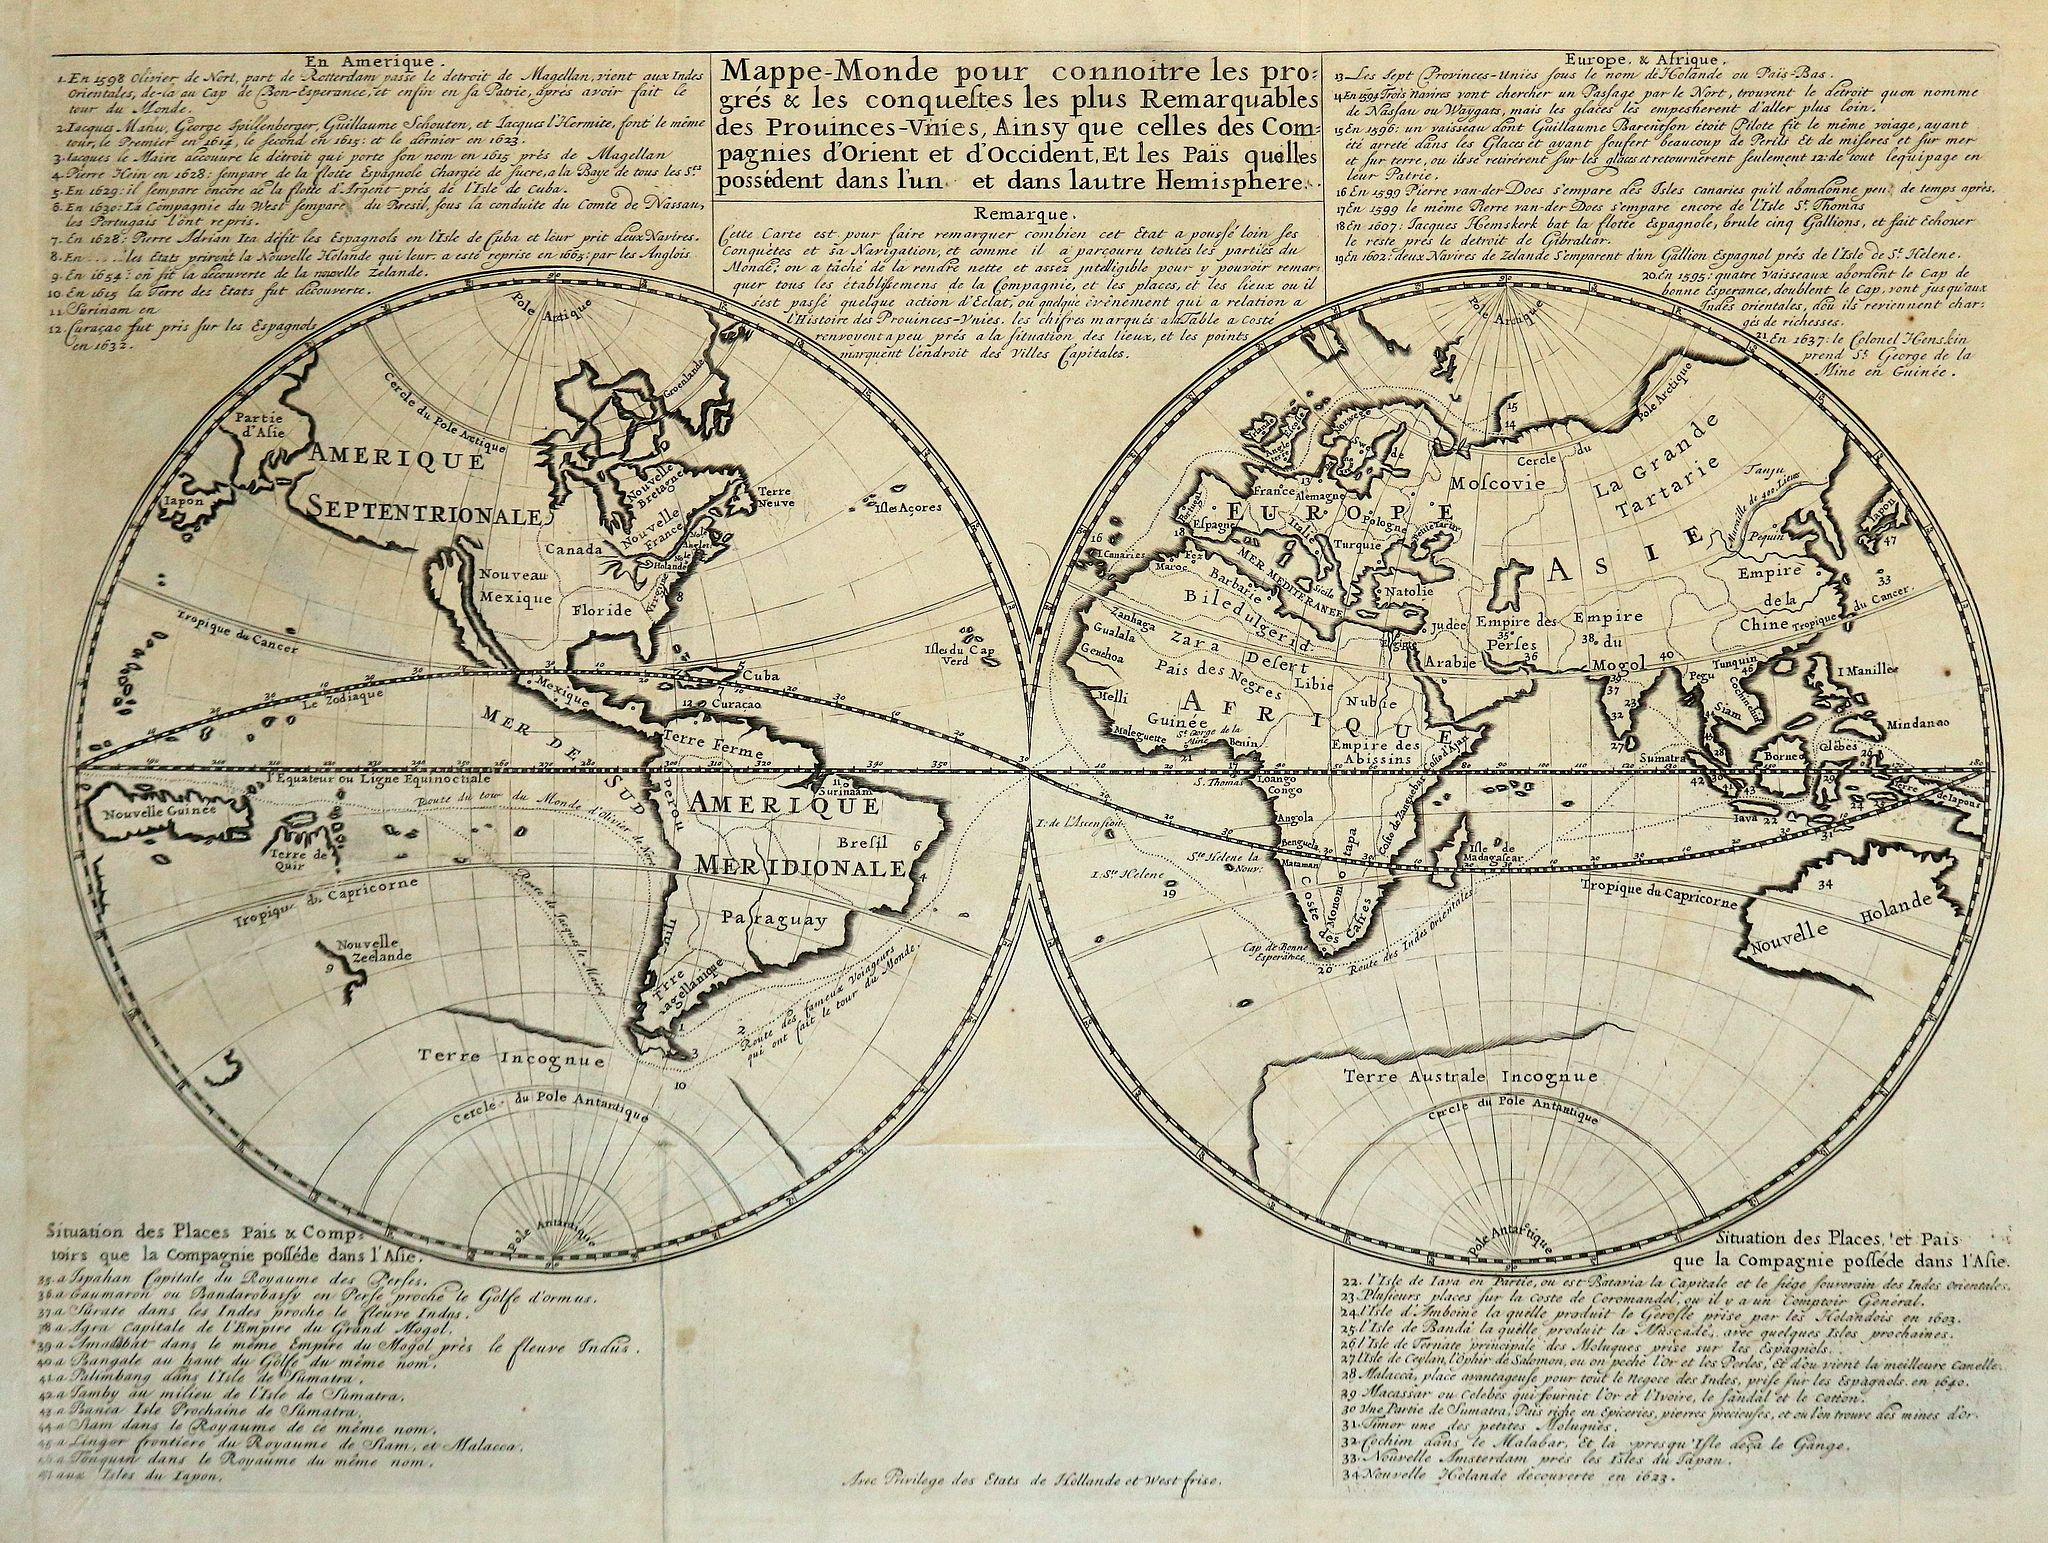 MALHERBE, J. - Mappe Monde pour connaitre les progrès et les conquestes les plus Remarquables des Provinces-Unies